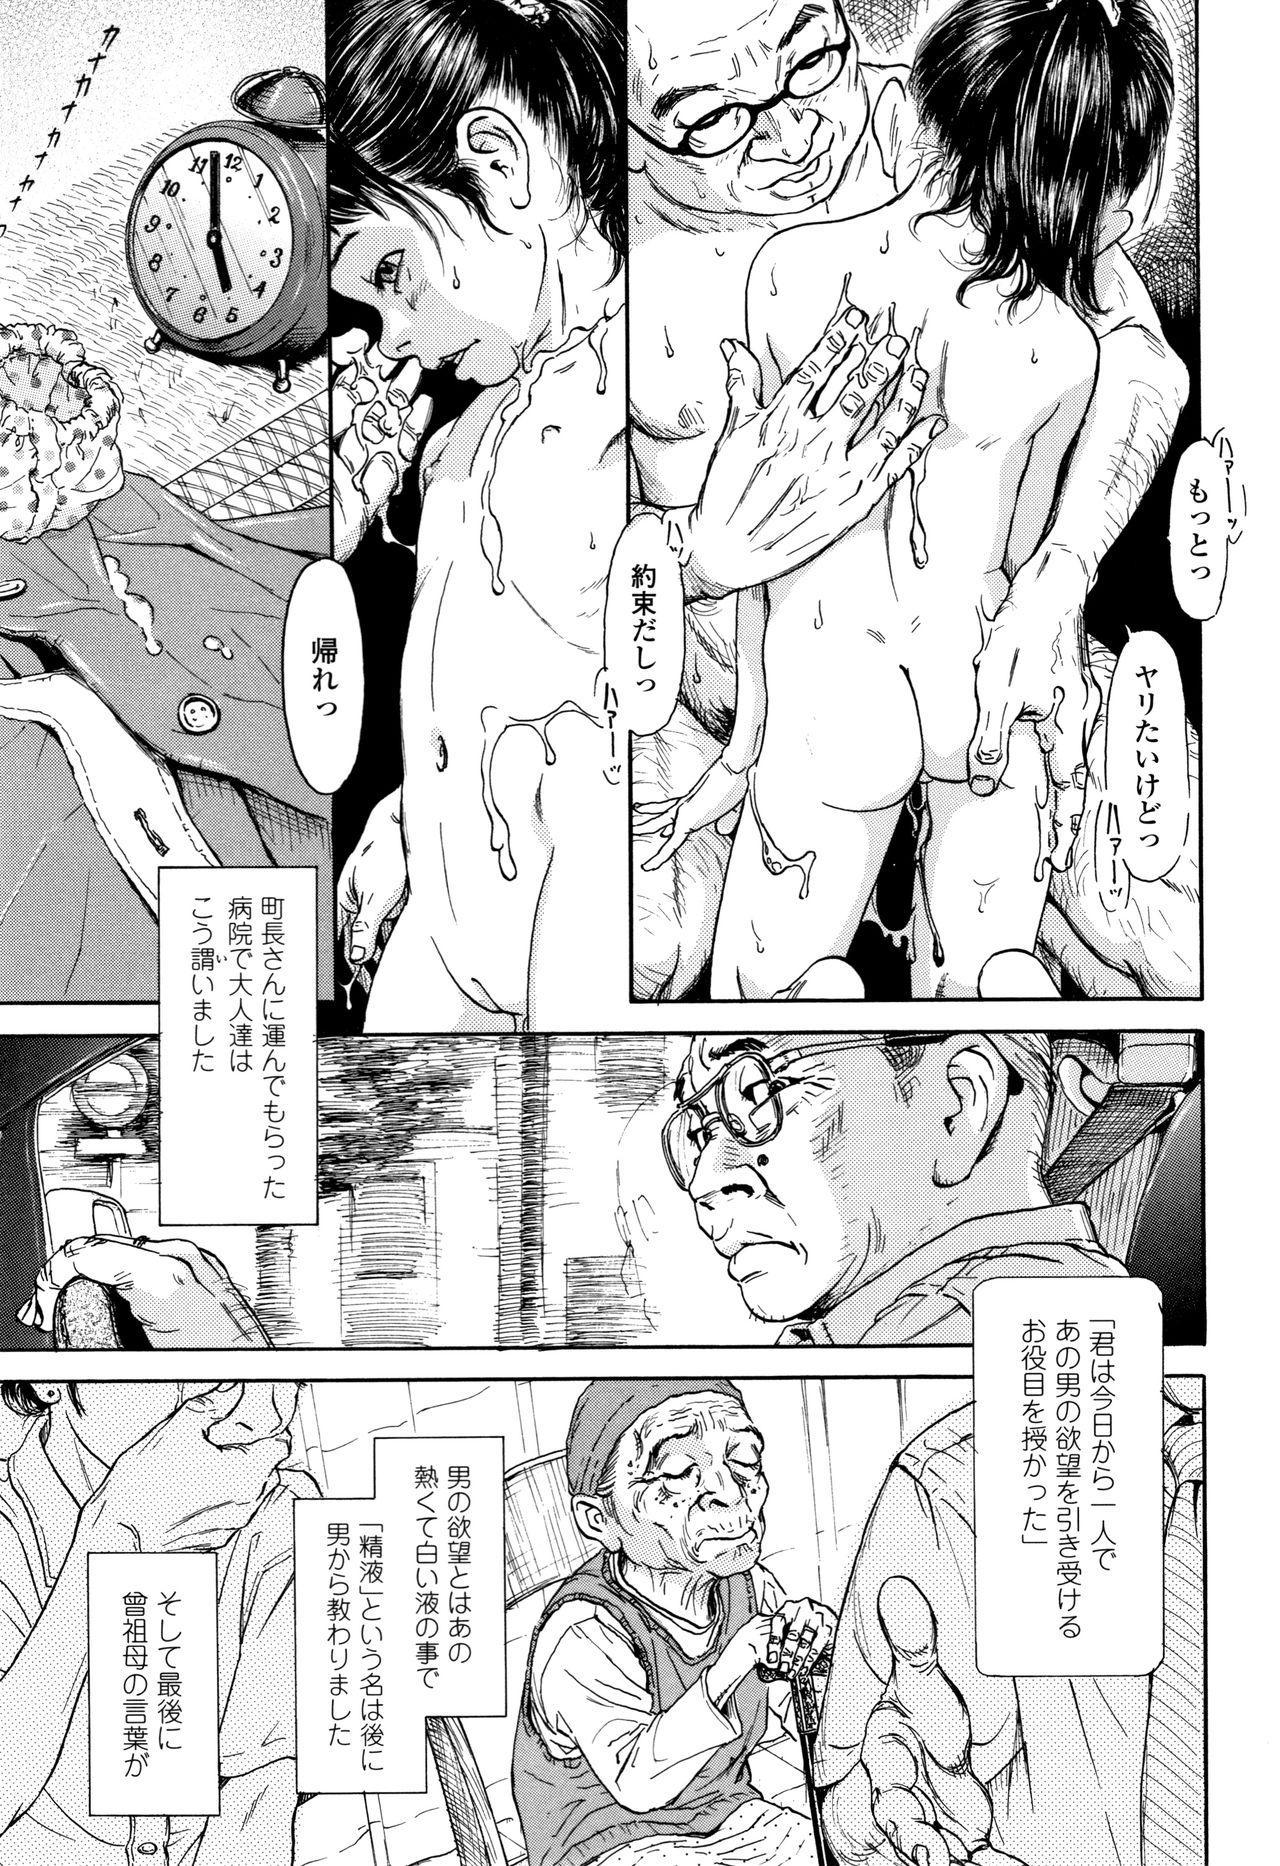 Chiisai Karada ni Shiroi Kage 35